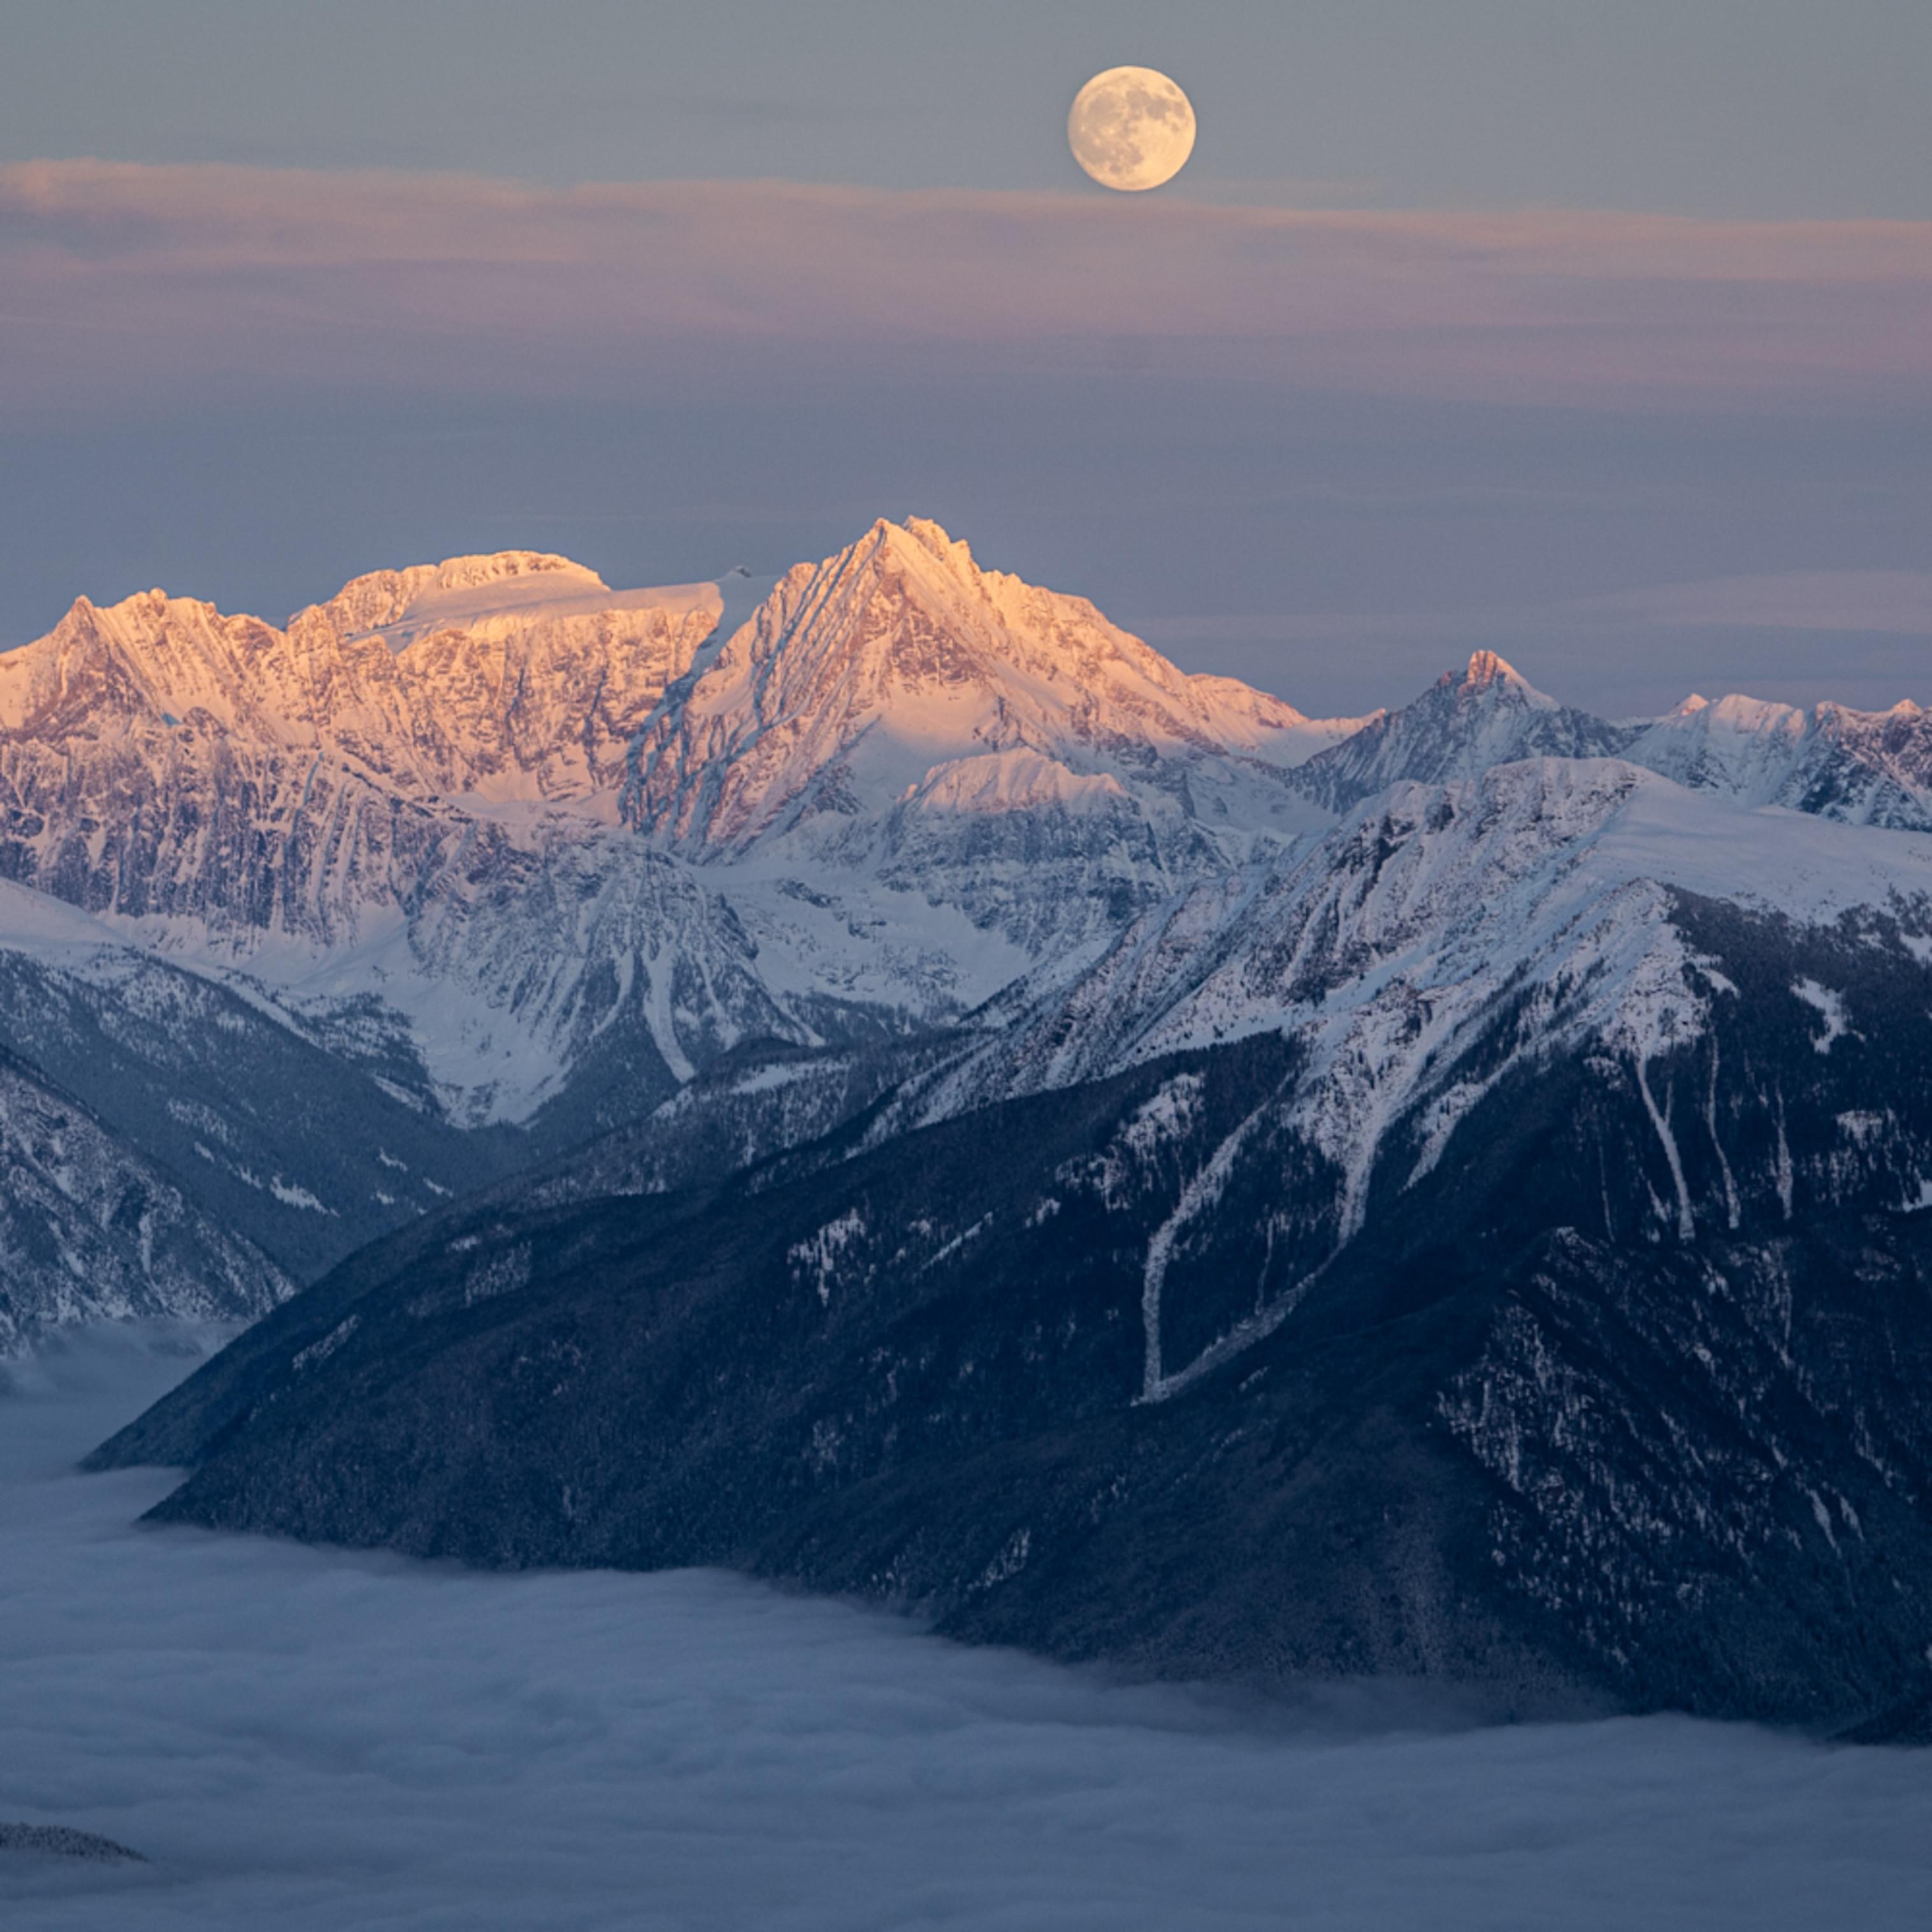 Jumbo moonrise tvyzkw